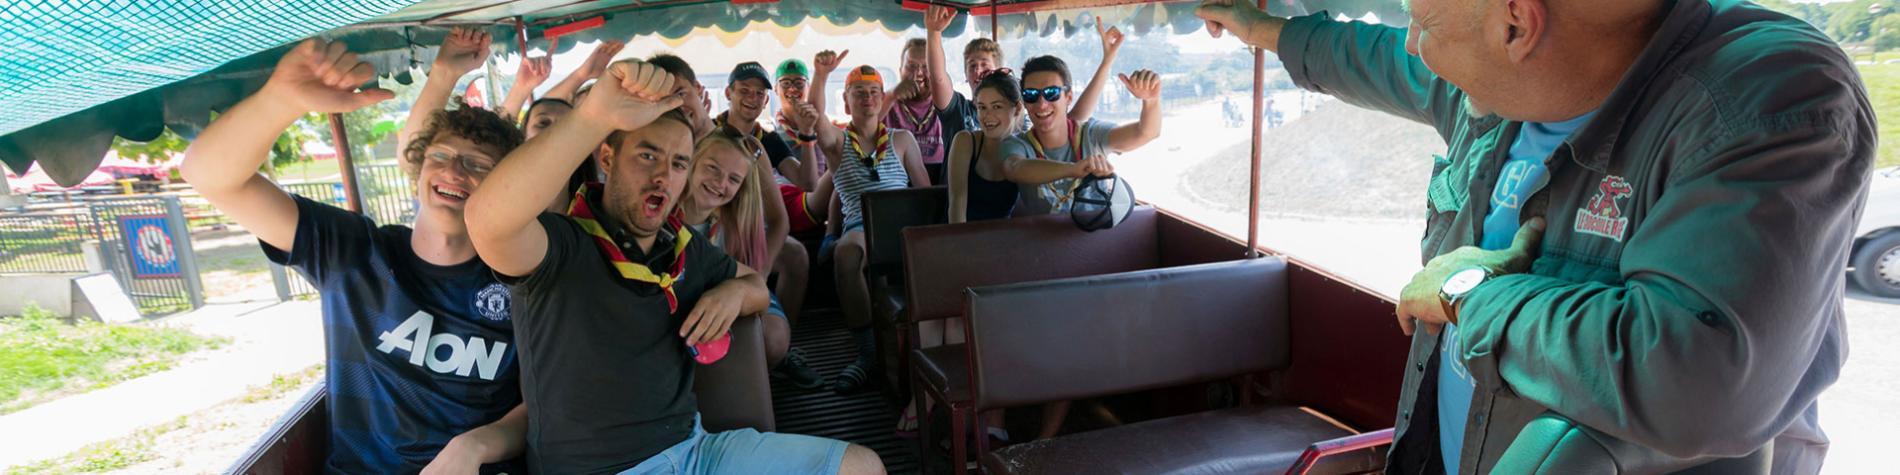 Croco Express - train touristique - Lacs de l'Eau d'Heure